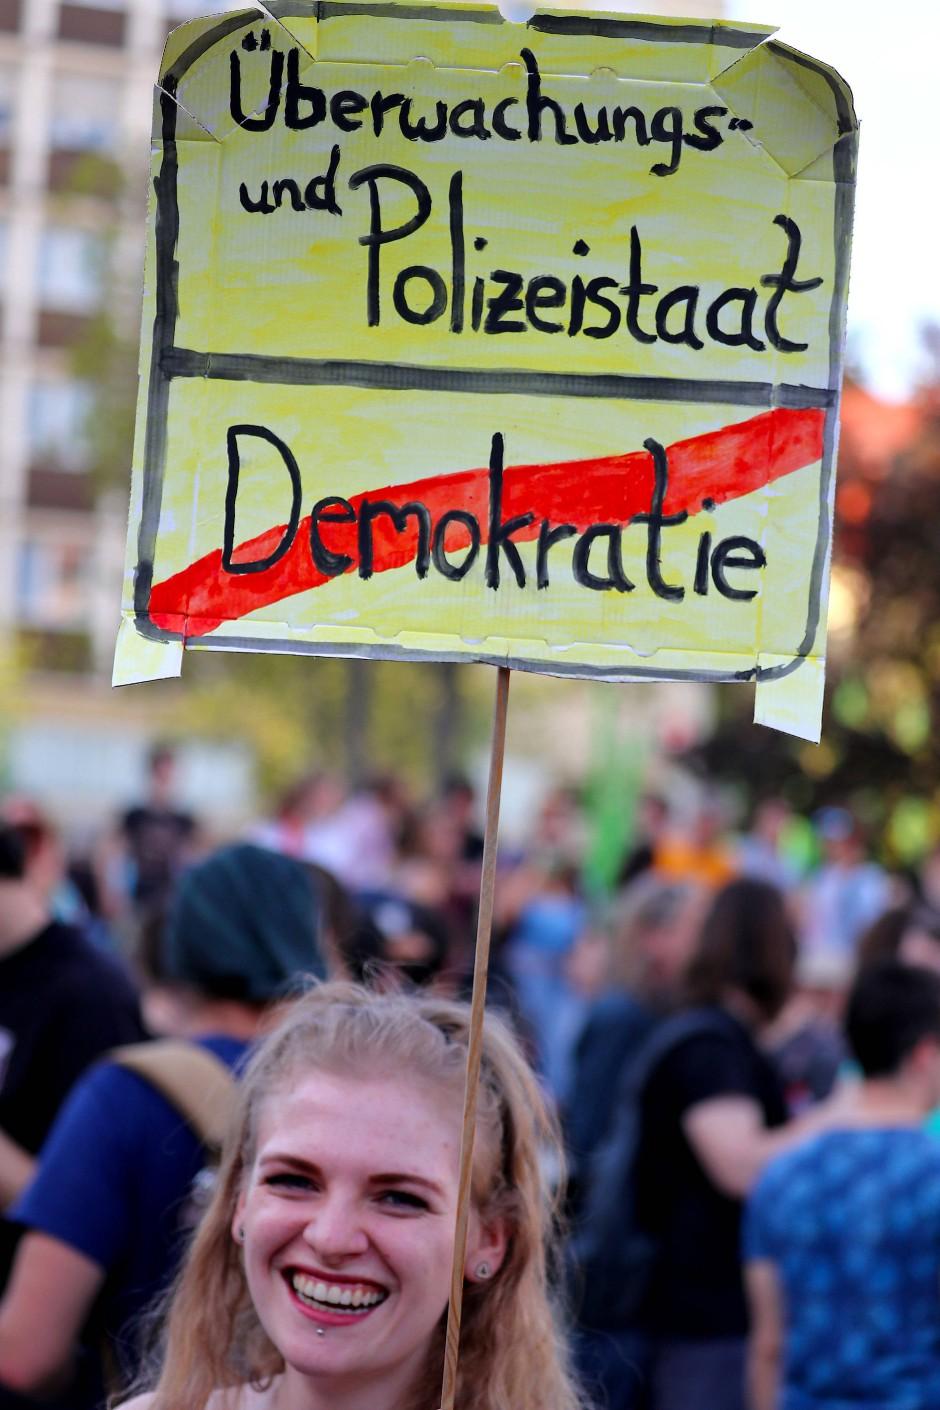 Eine Teilnehmerin einer Demonstration in Nürnberg trägt ein Schild gegen das Polizeiaufgabengesetz.